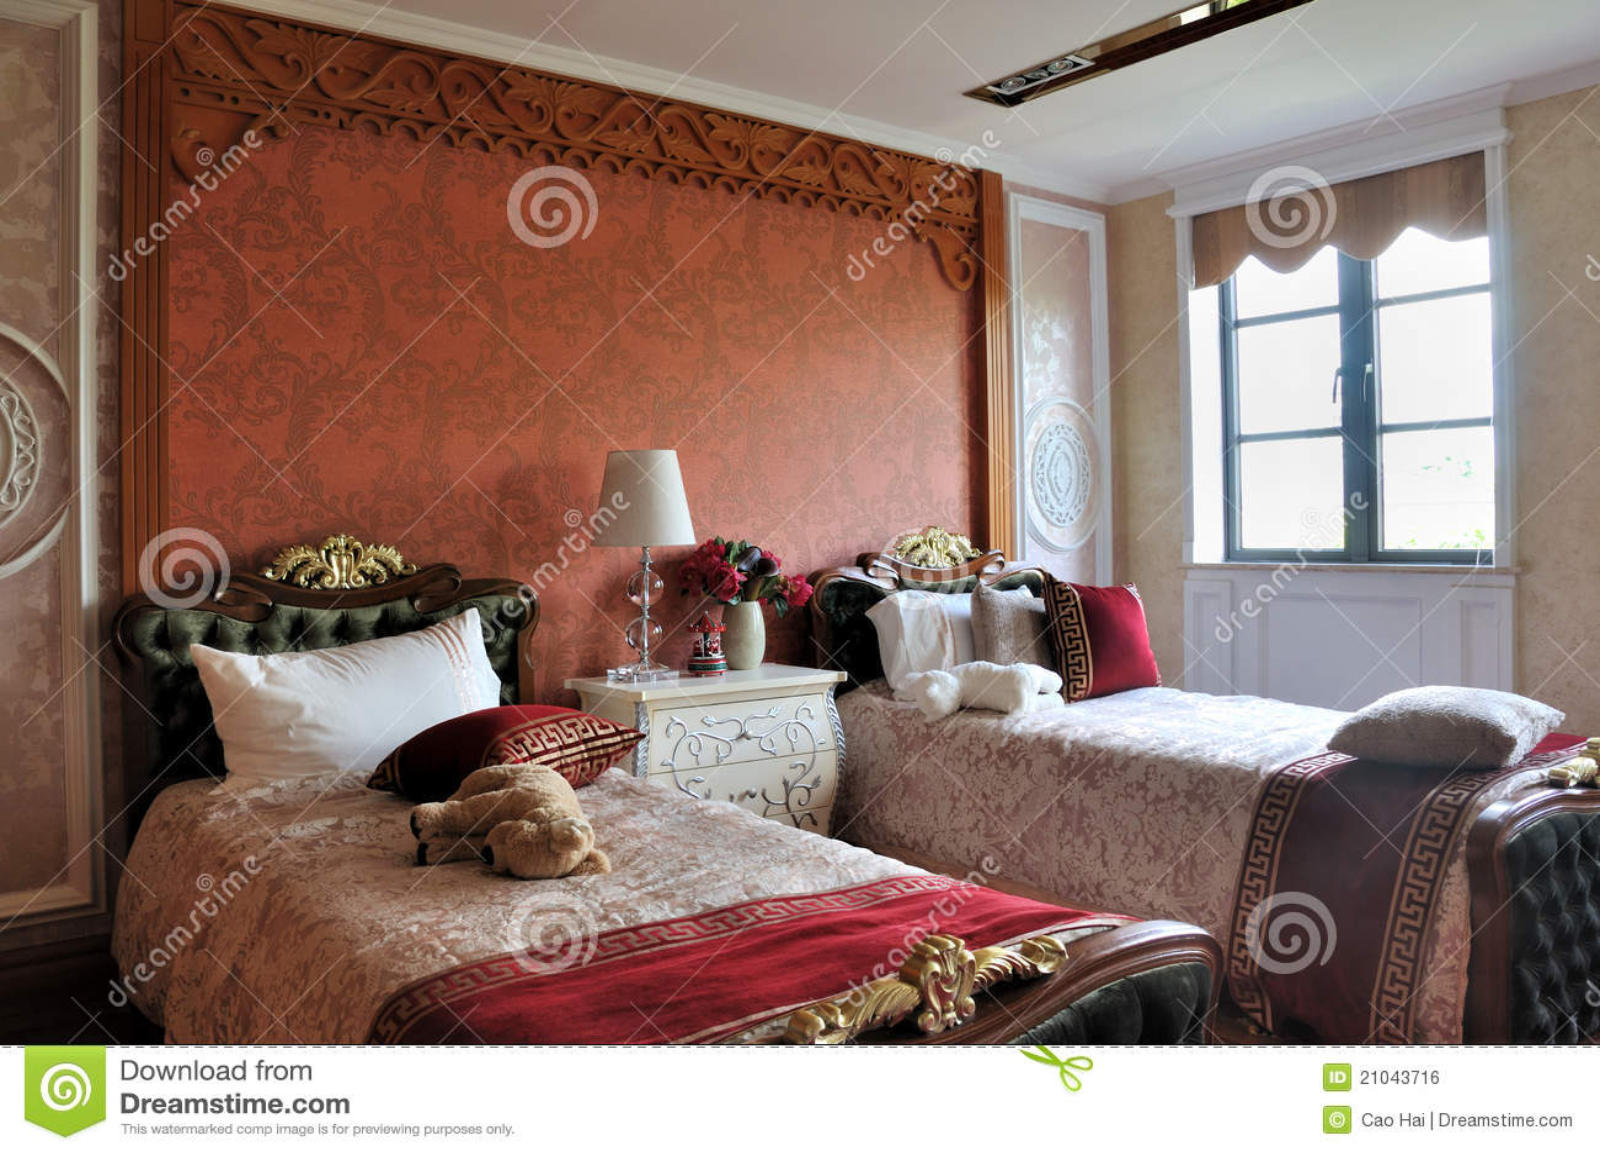 Camere Da Letto Lussuose Per Ragazze : Camera da letto per due bambini target camerette teti arredamenti